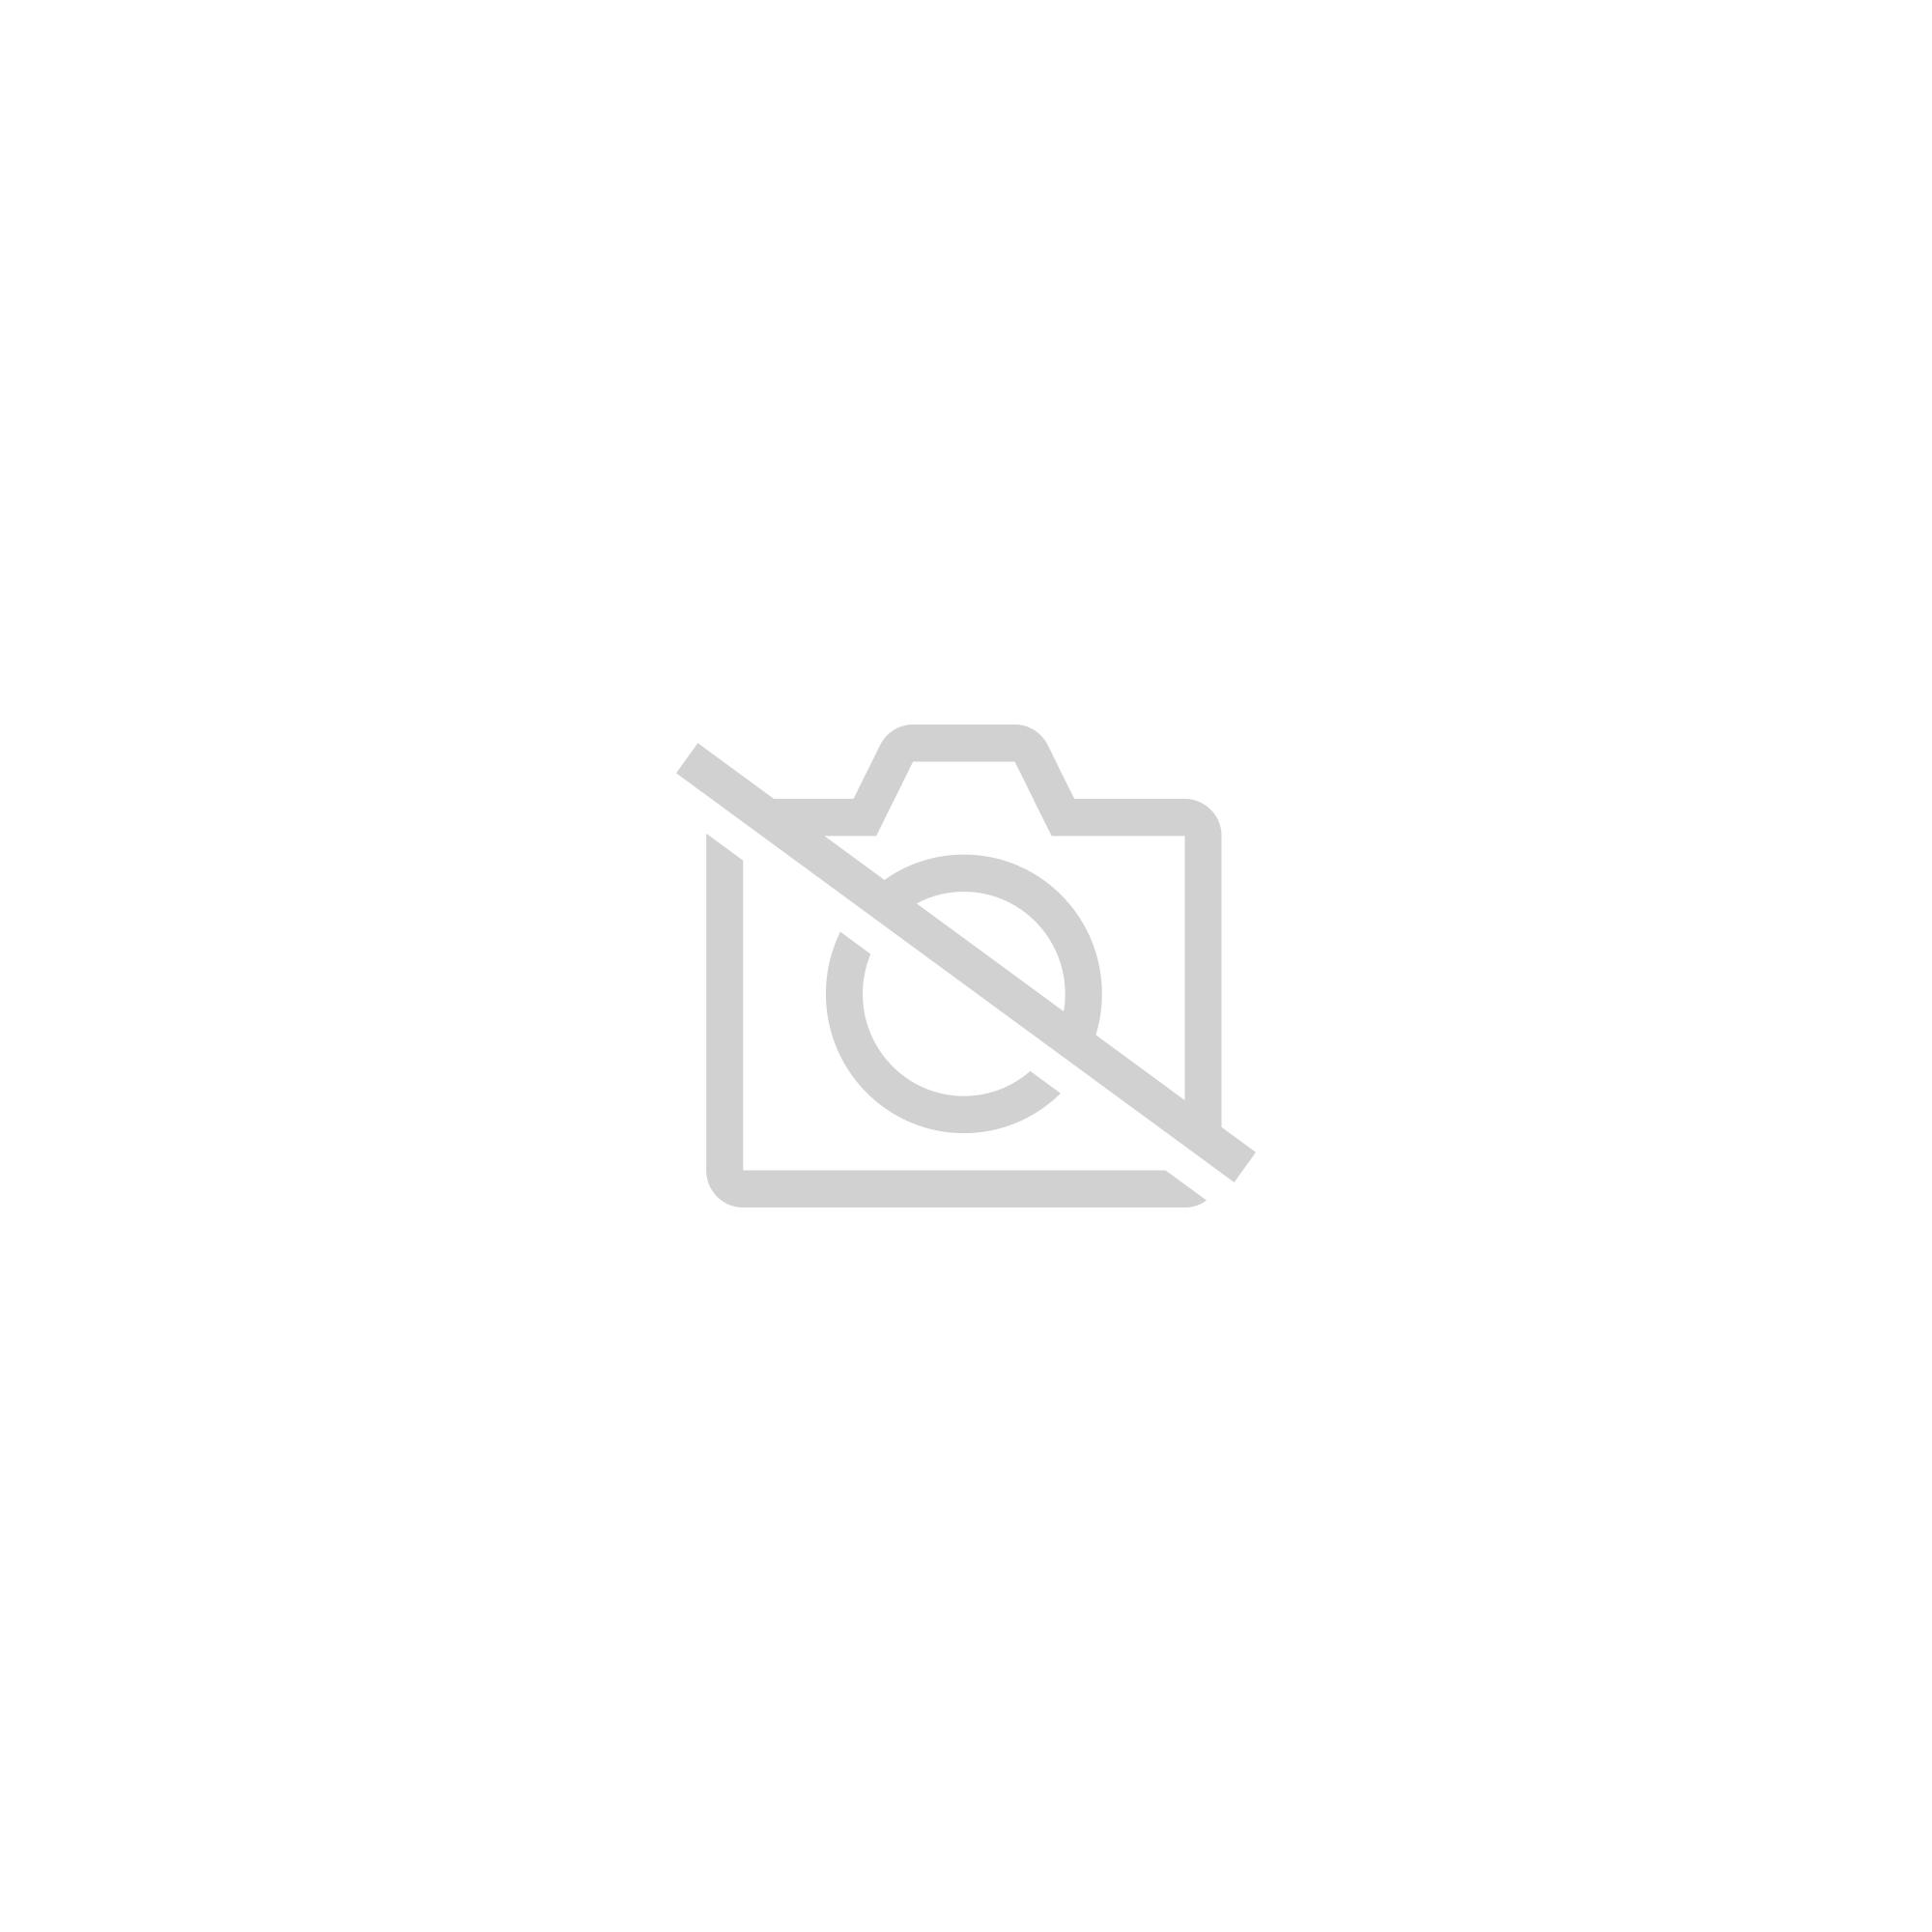 MPMAN Tablette MPWIN 800 - 8- 16 Go - Noir